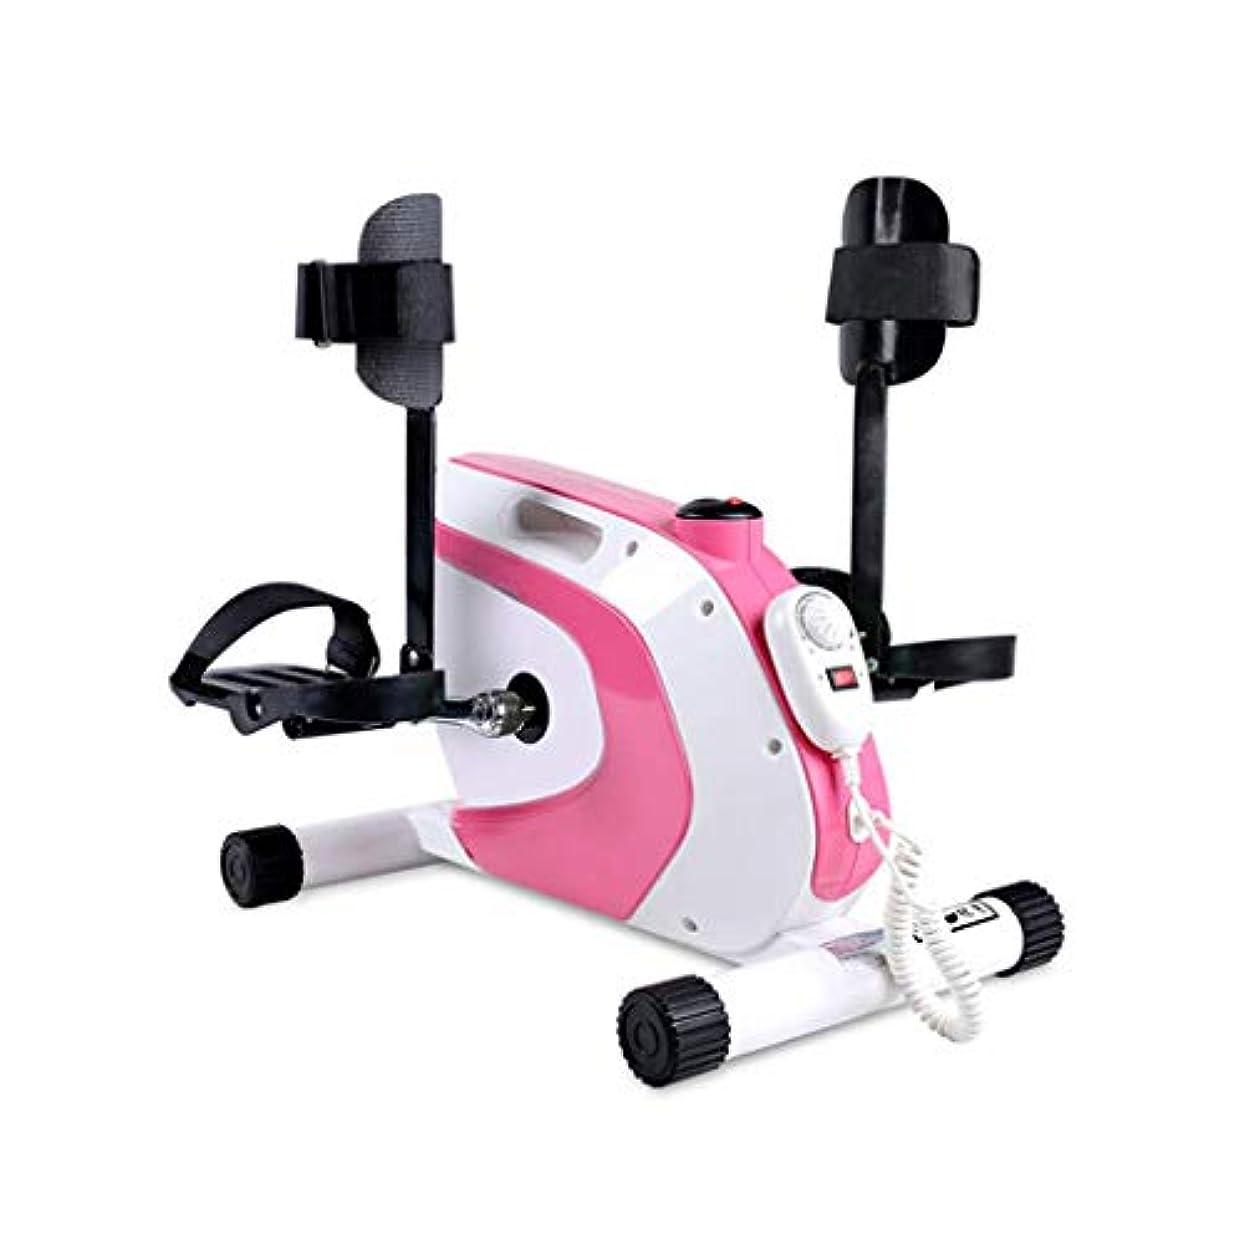 施しビームレーニン主義腕/足のための電気ペダルのエクササイザ、電子理学療法およびリハビリのバイクの電動トレーナー